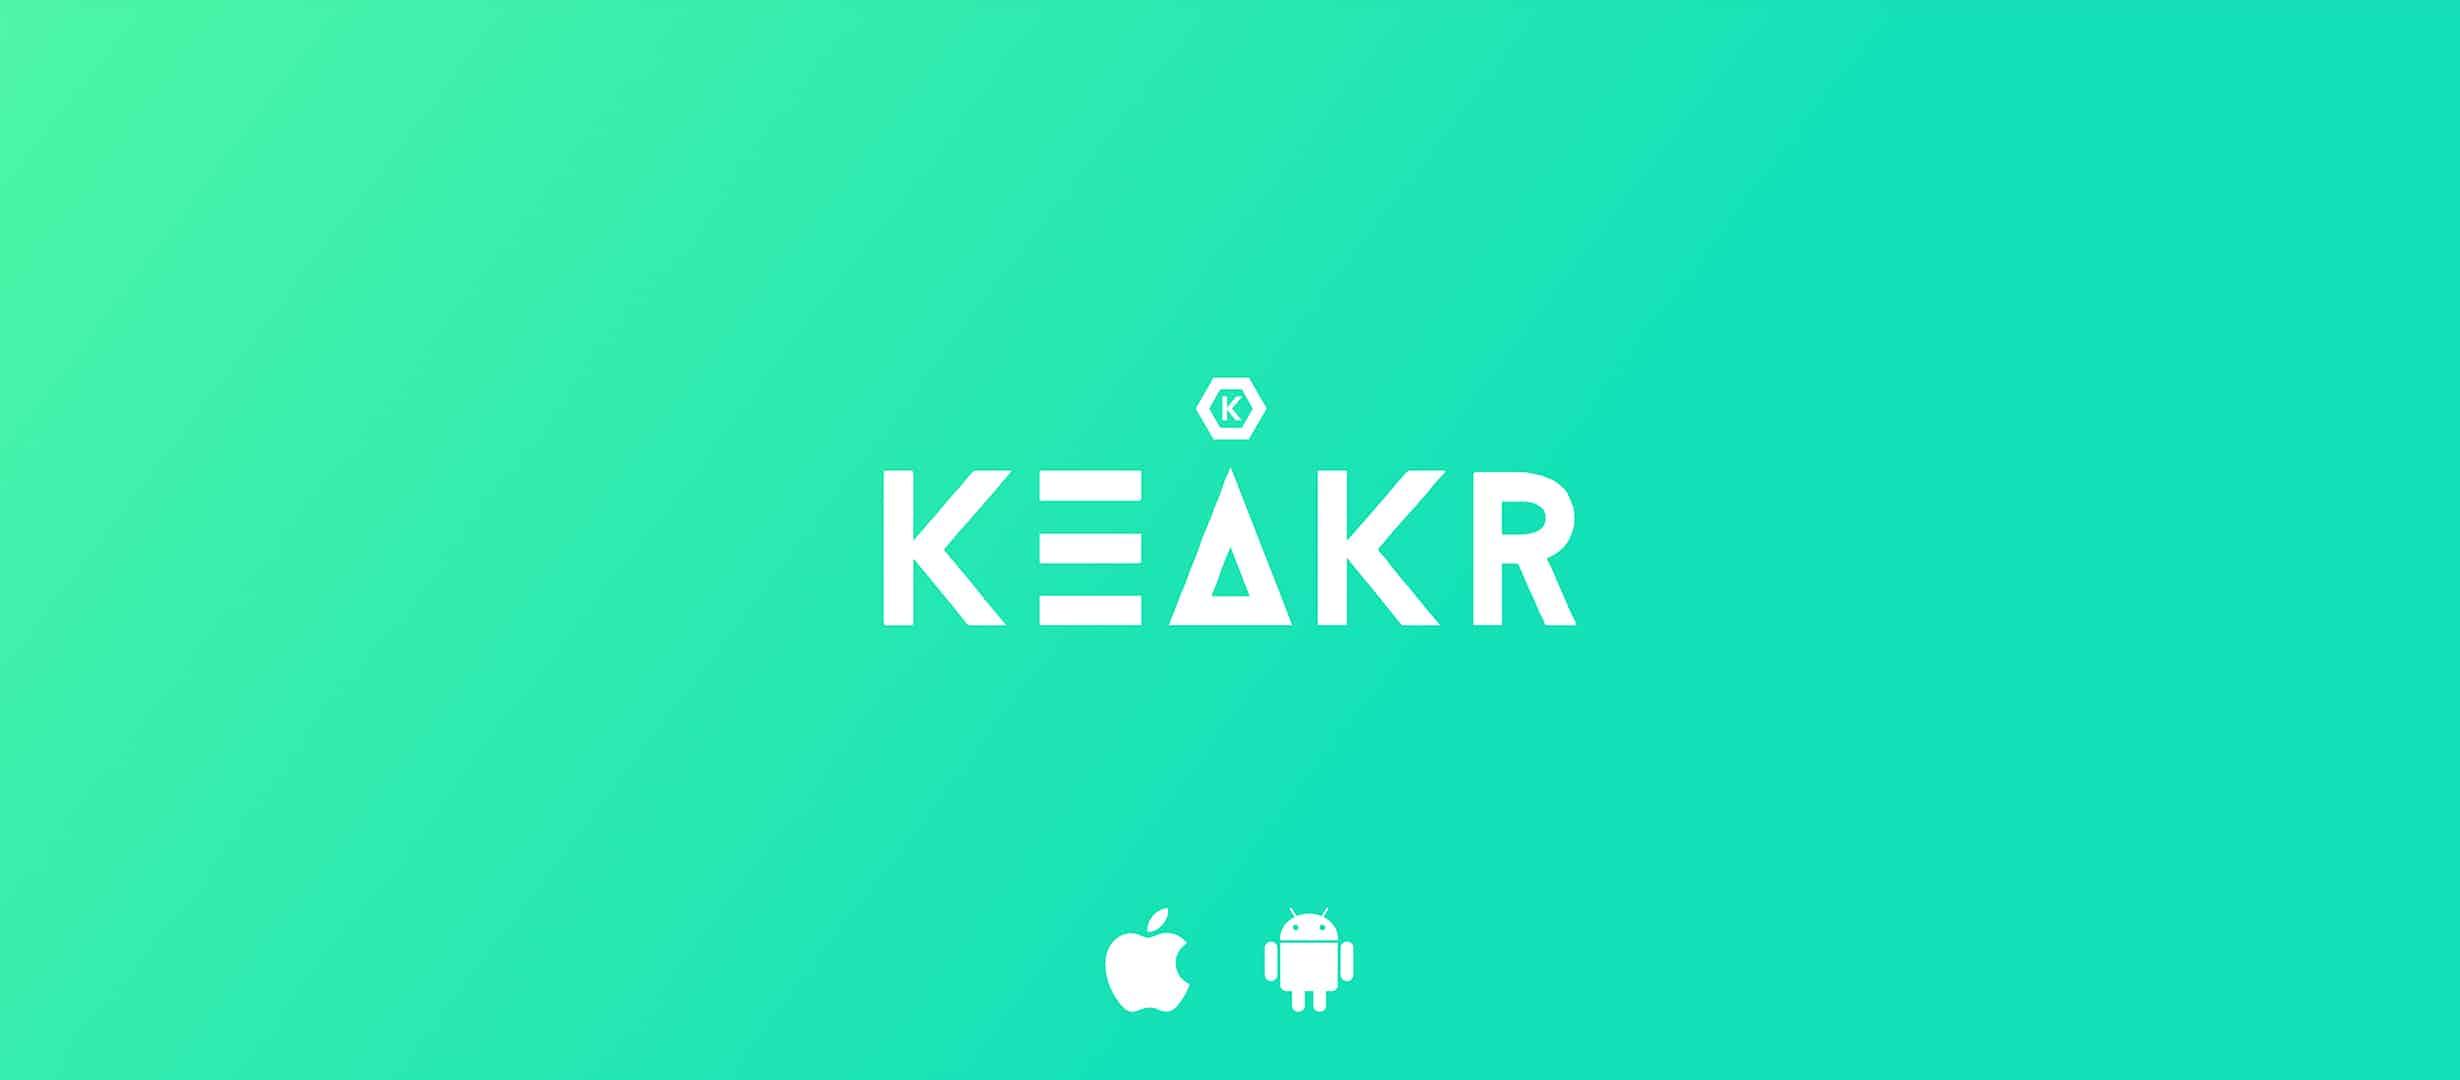 image-keakr-présentation